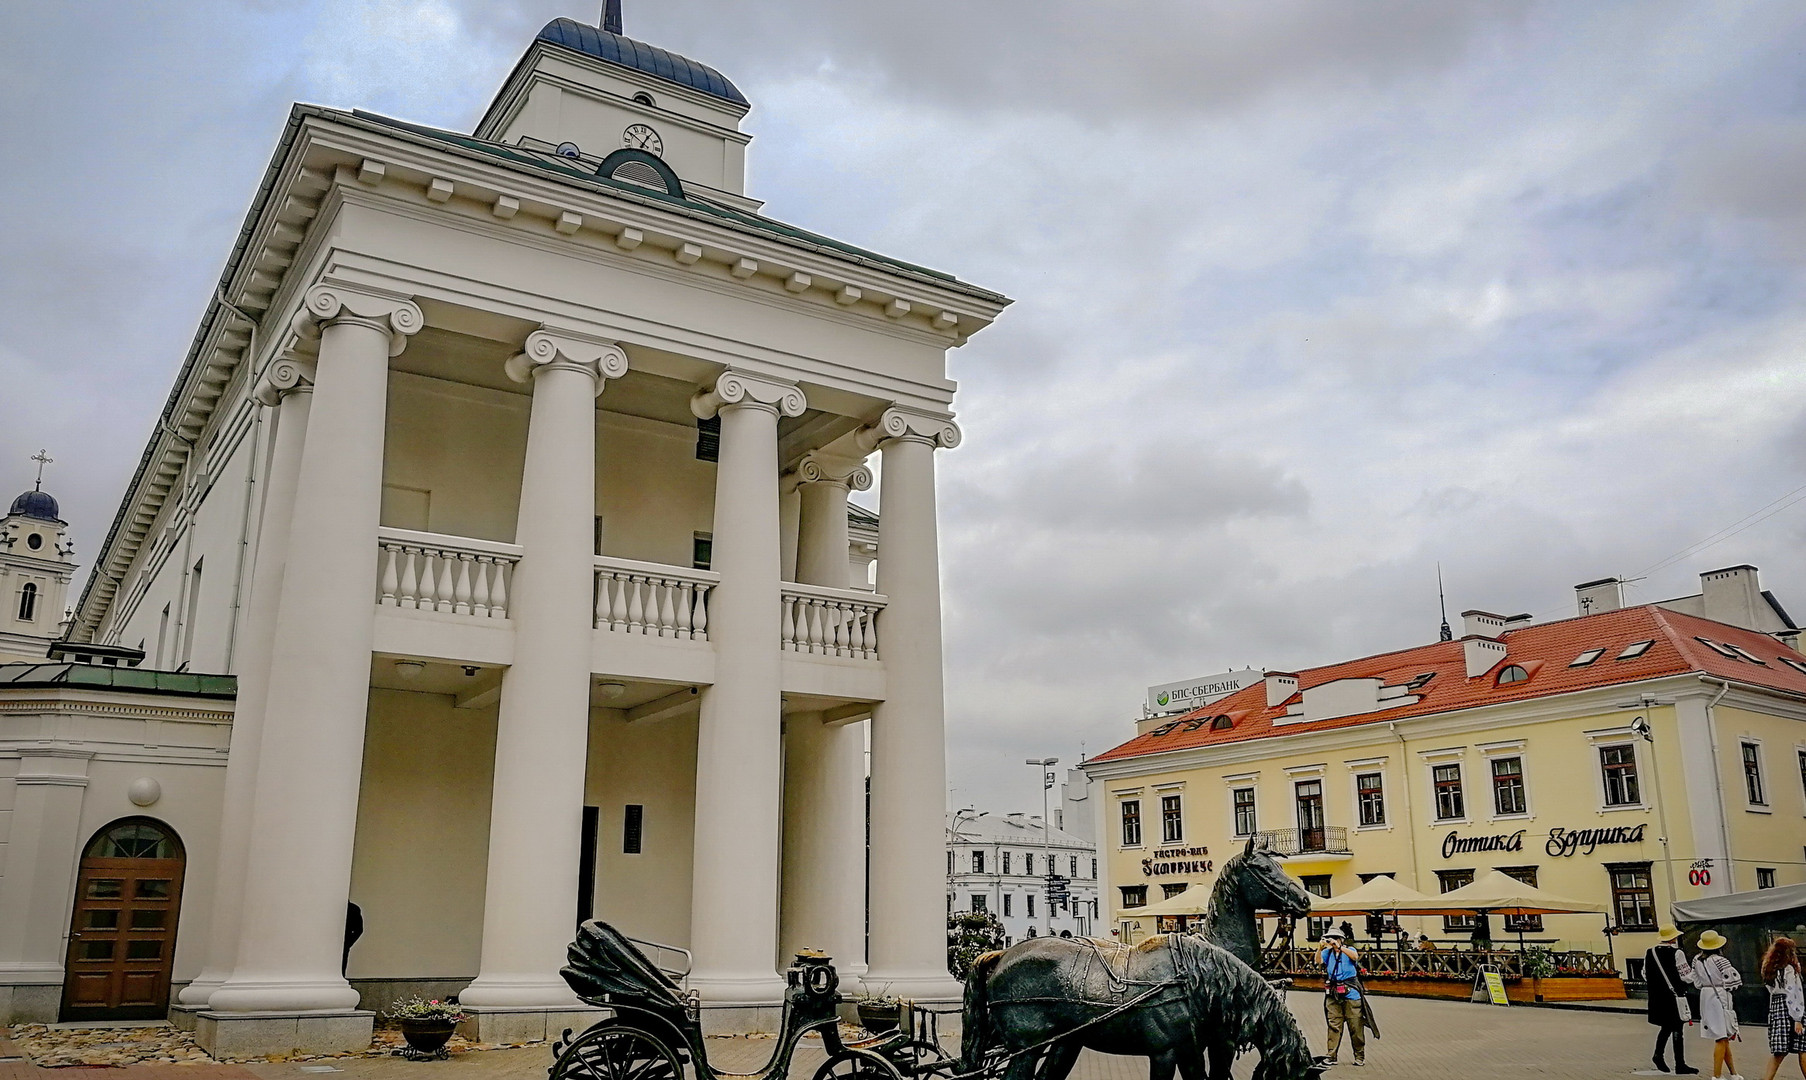 Старая ратуша, Минск